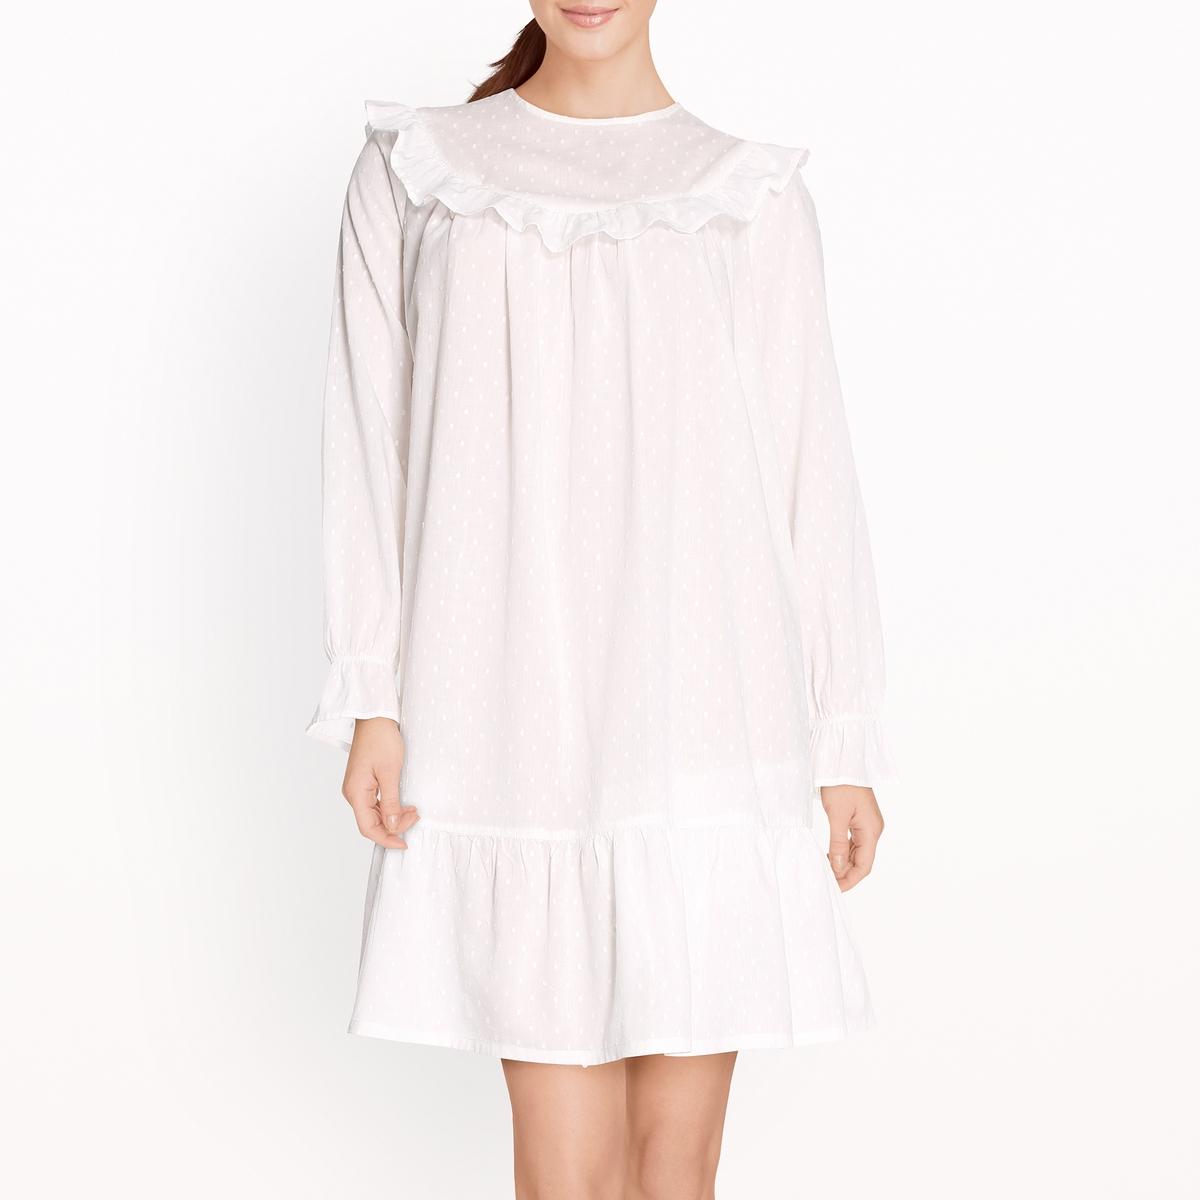 Рубашка ночная с вышивкой гладью и воланами